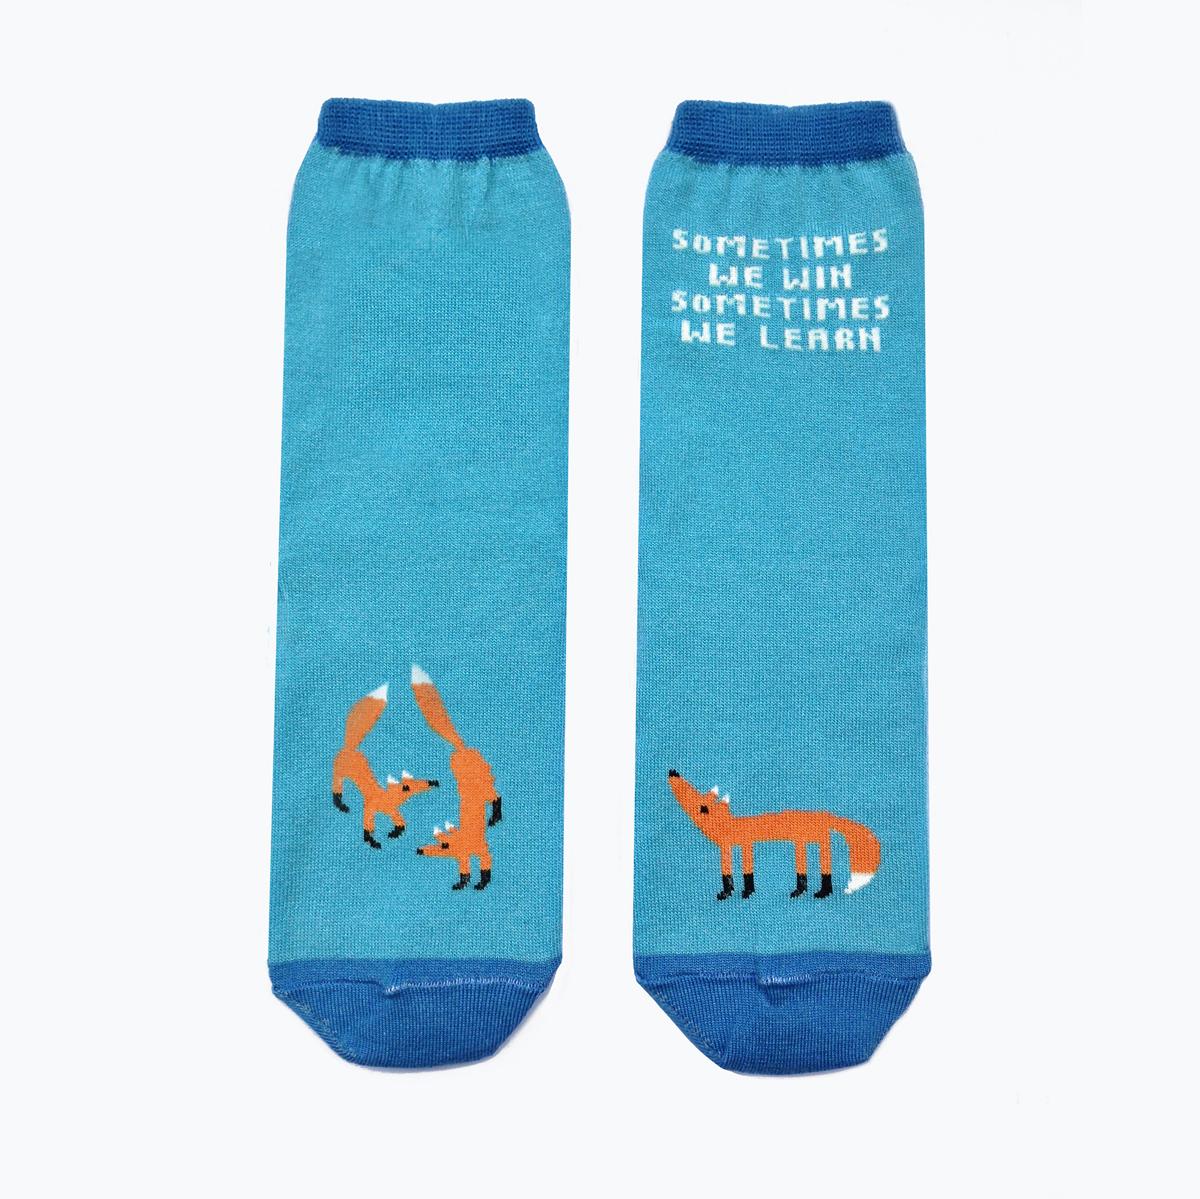 Носки мужские Big Bang Socks Лиса, махровые, цвет: голубой, оранжевый. a153. Размер 40/44 носки мужские big bang socks муха махровые цвет зеленый a143 размер 40 44